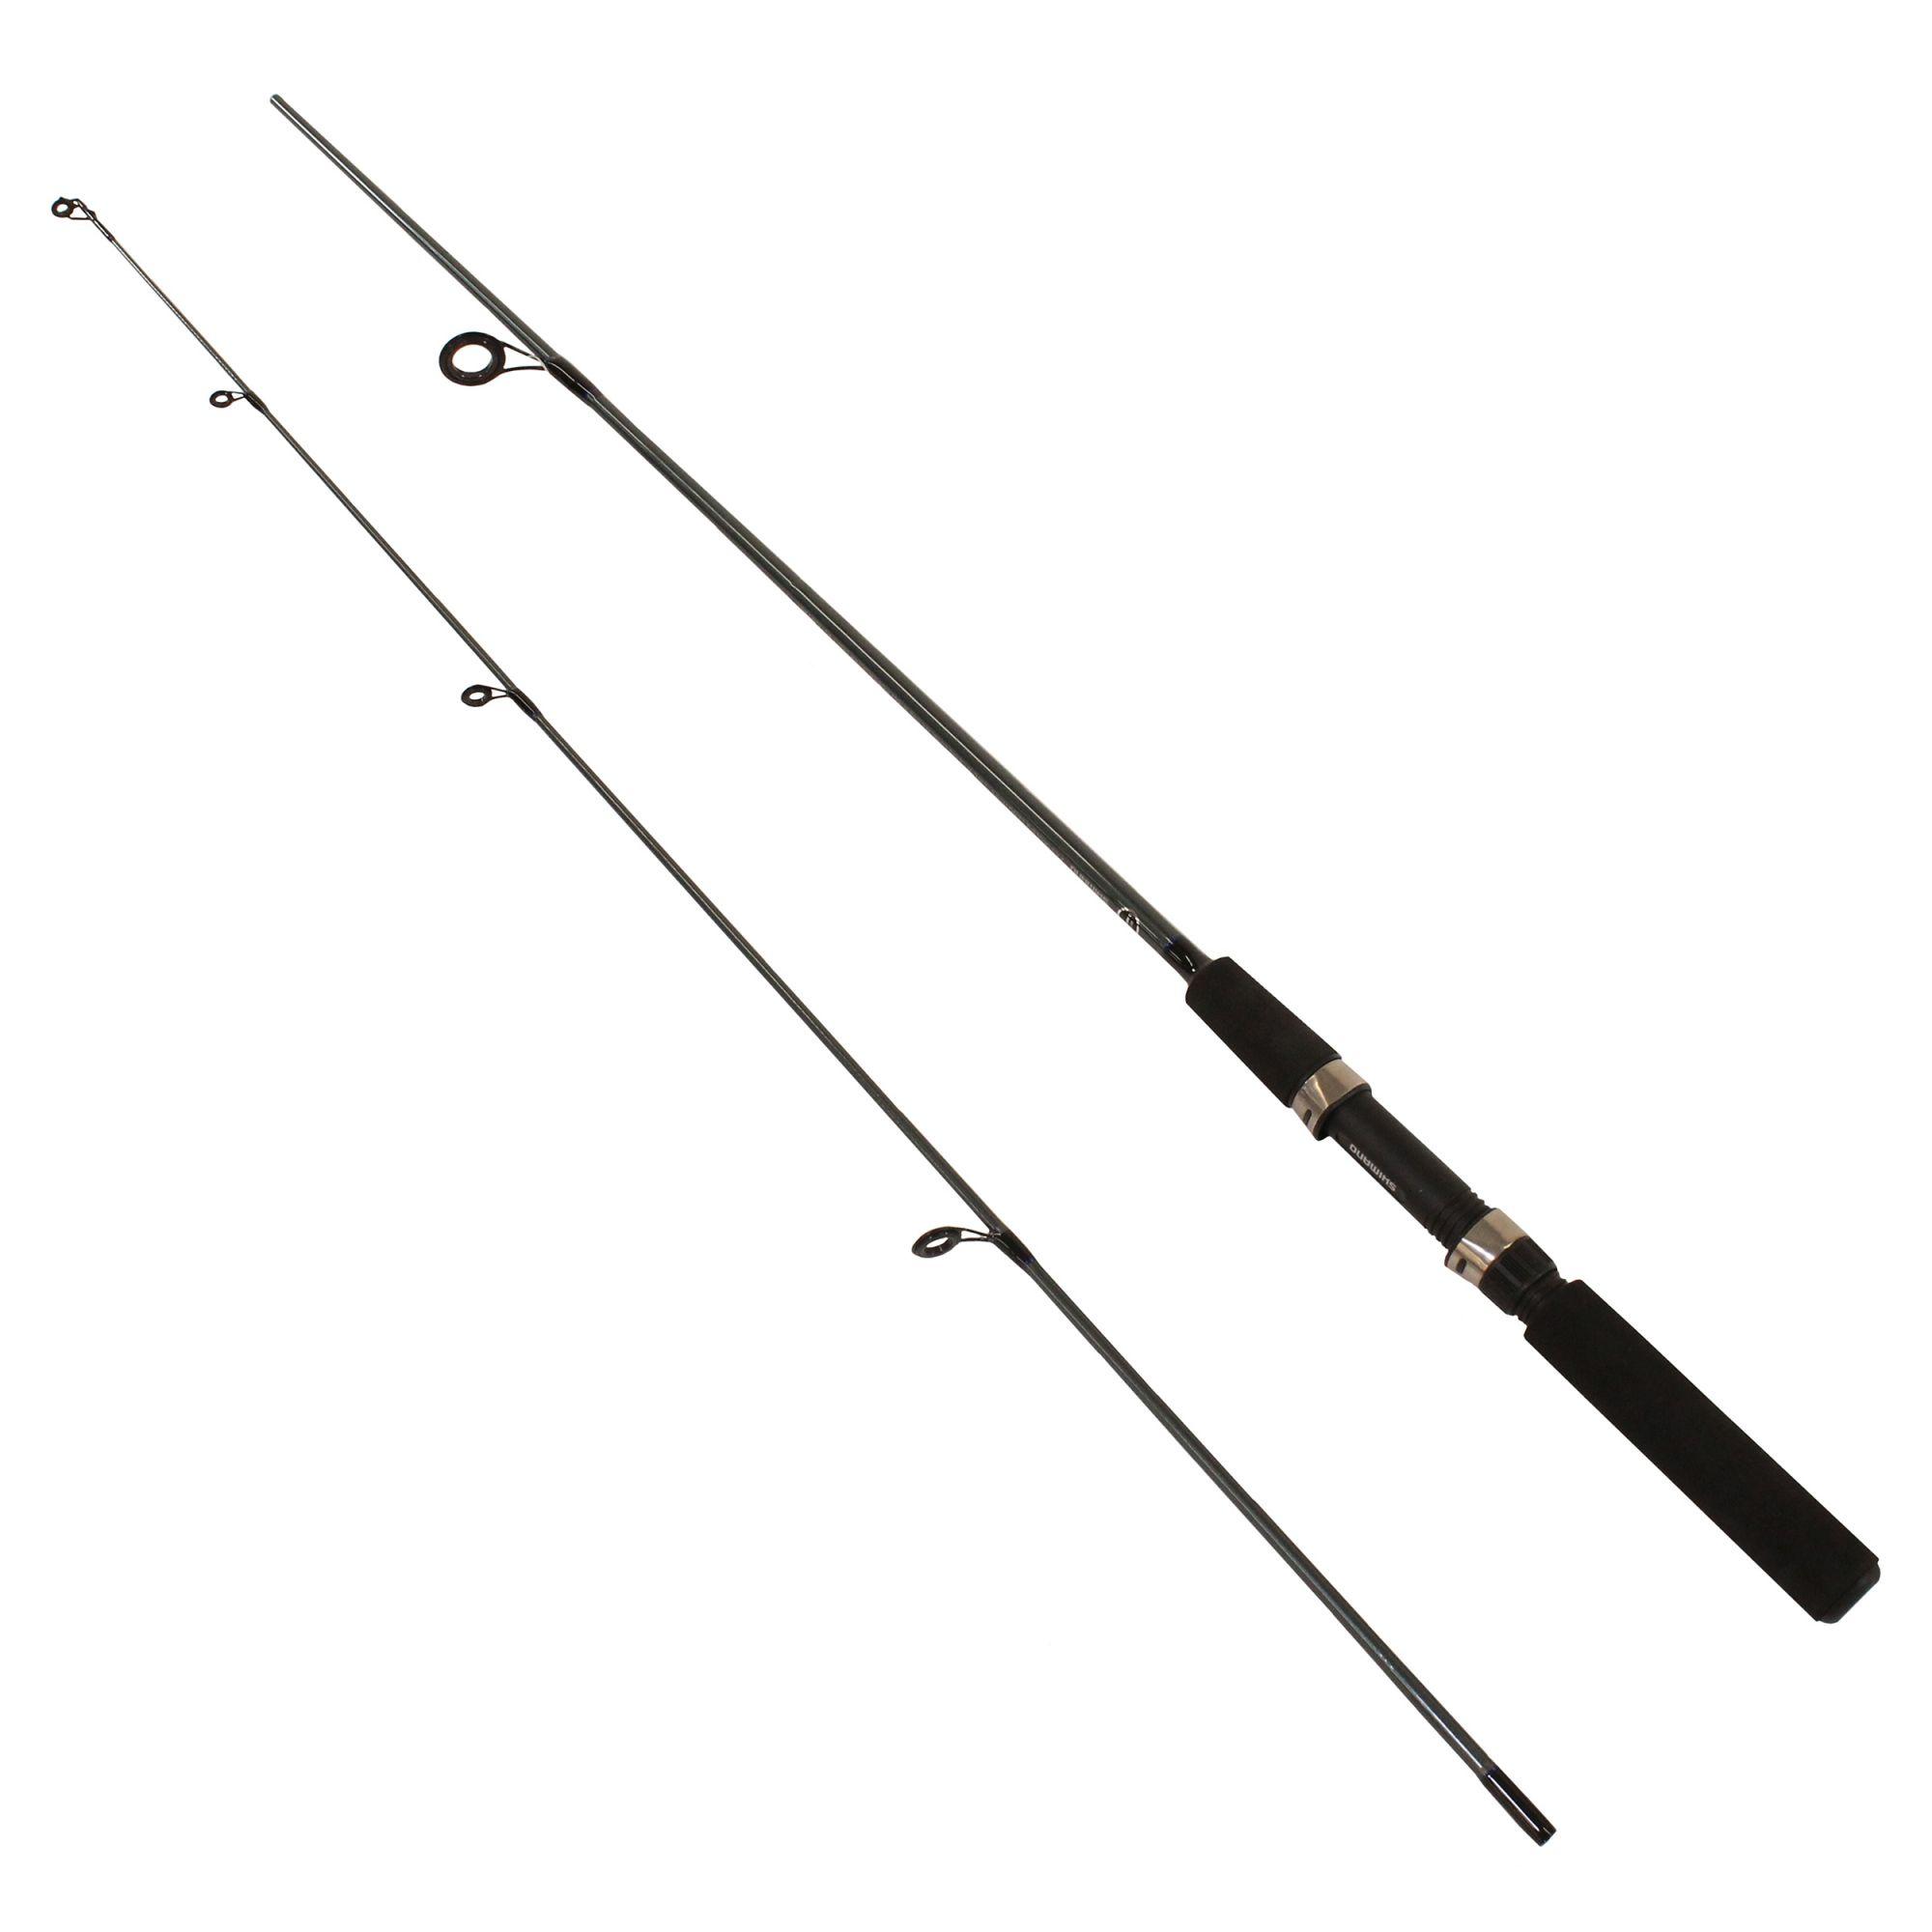 Vara Para Molinete Shimano Fx 8 0 (2,43M) 12-25lbs FXS80MHB2 - 2 Partes  - Life Pesca - Sua loja de Pesca, Camping e Lazer